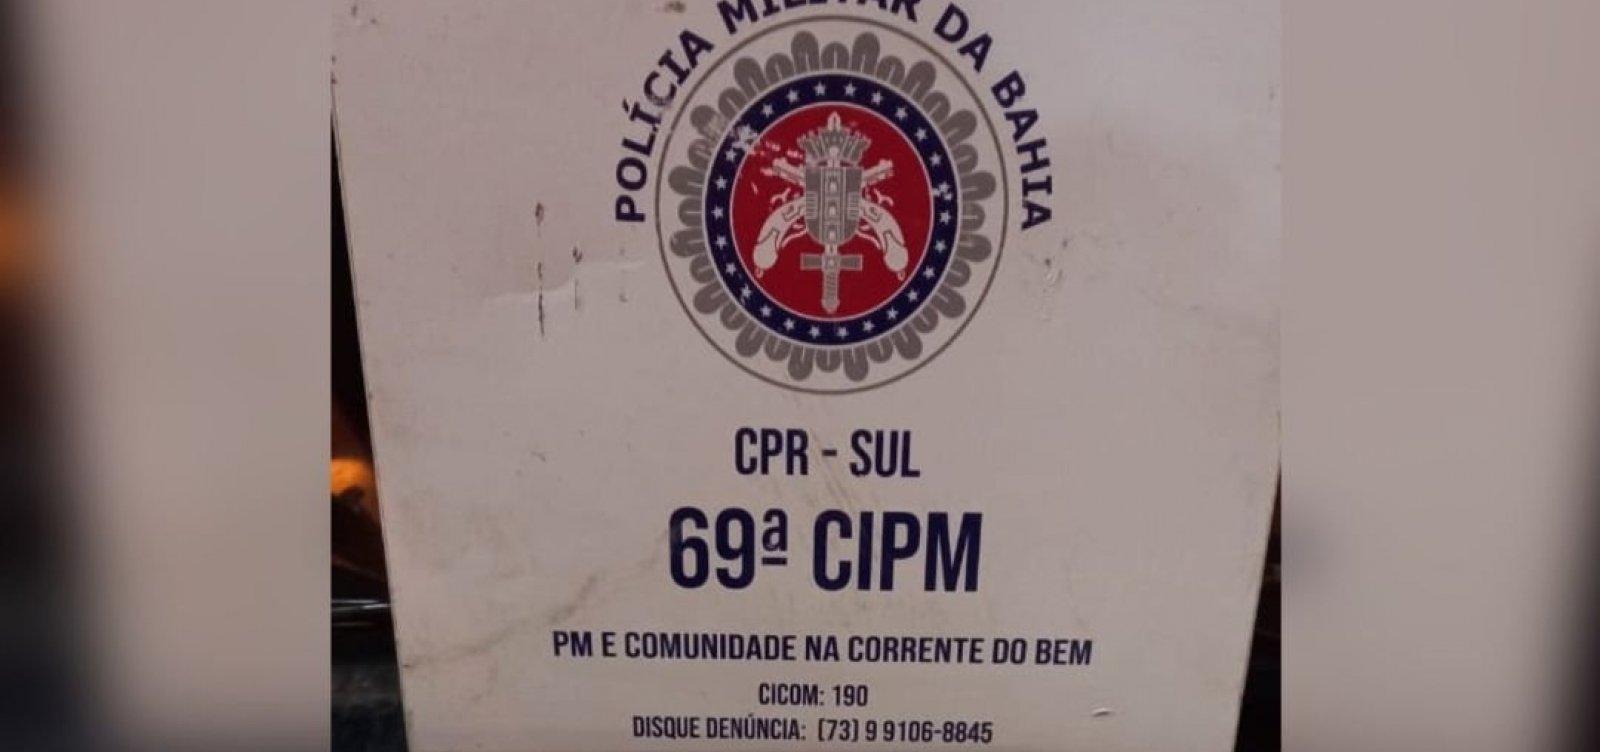 Fugitivos do Sistema Prisional são recapturados pela polícia em Itabuna, no sul do estado